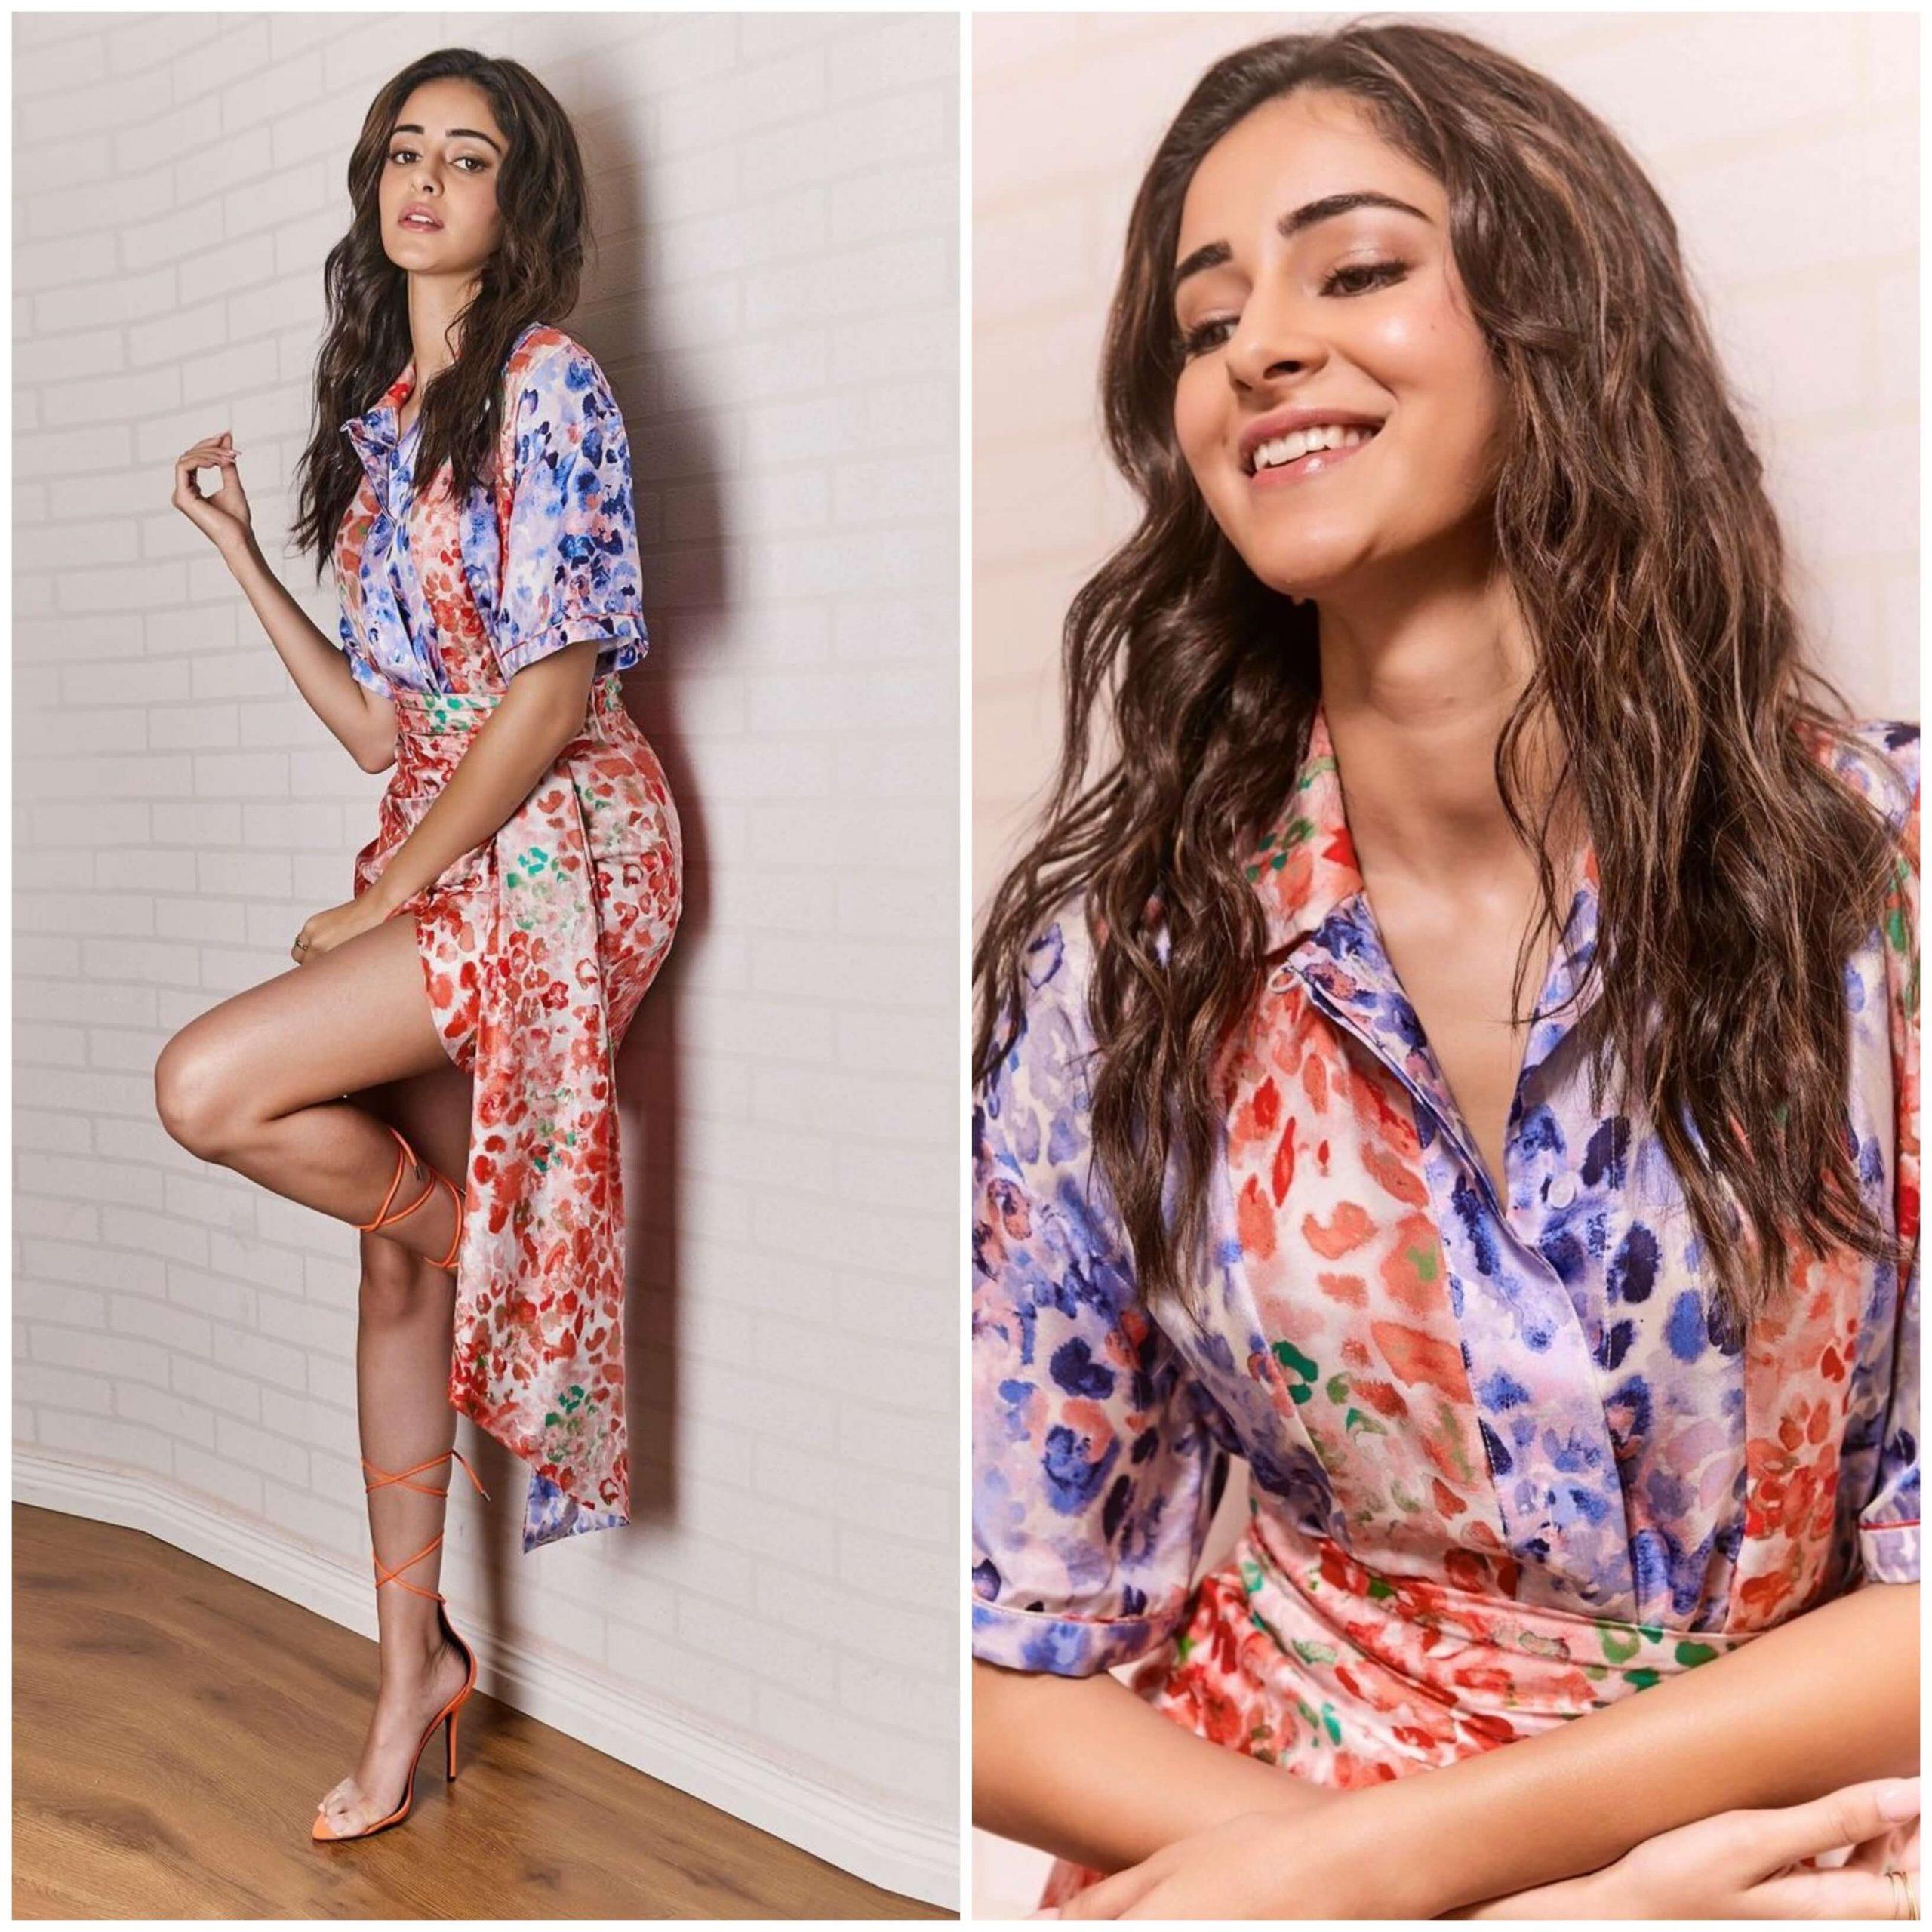 Ananya Panday Beautiful Floral Print Designer Dress